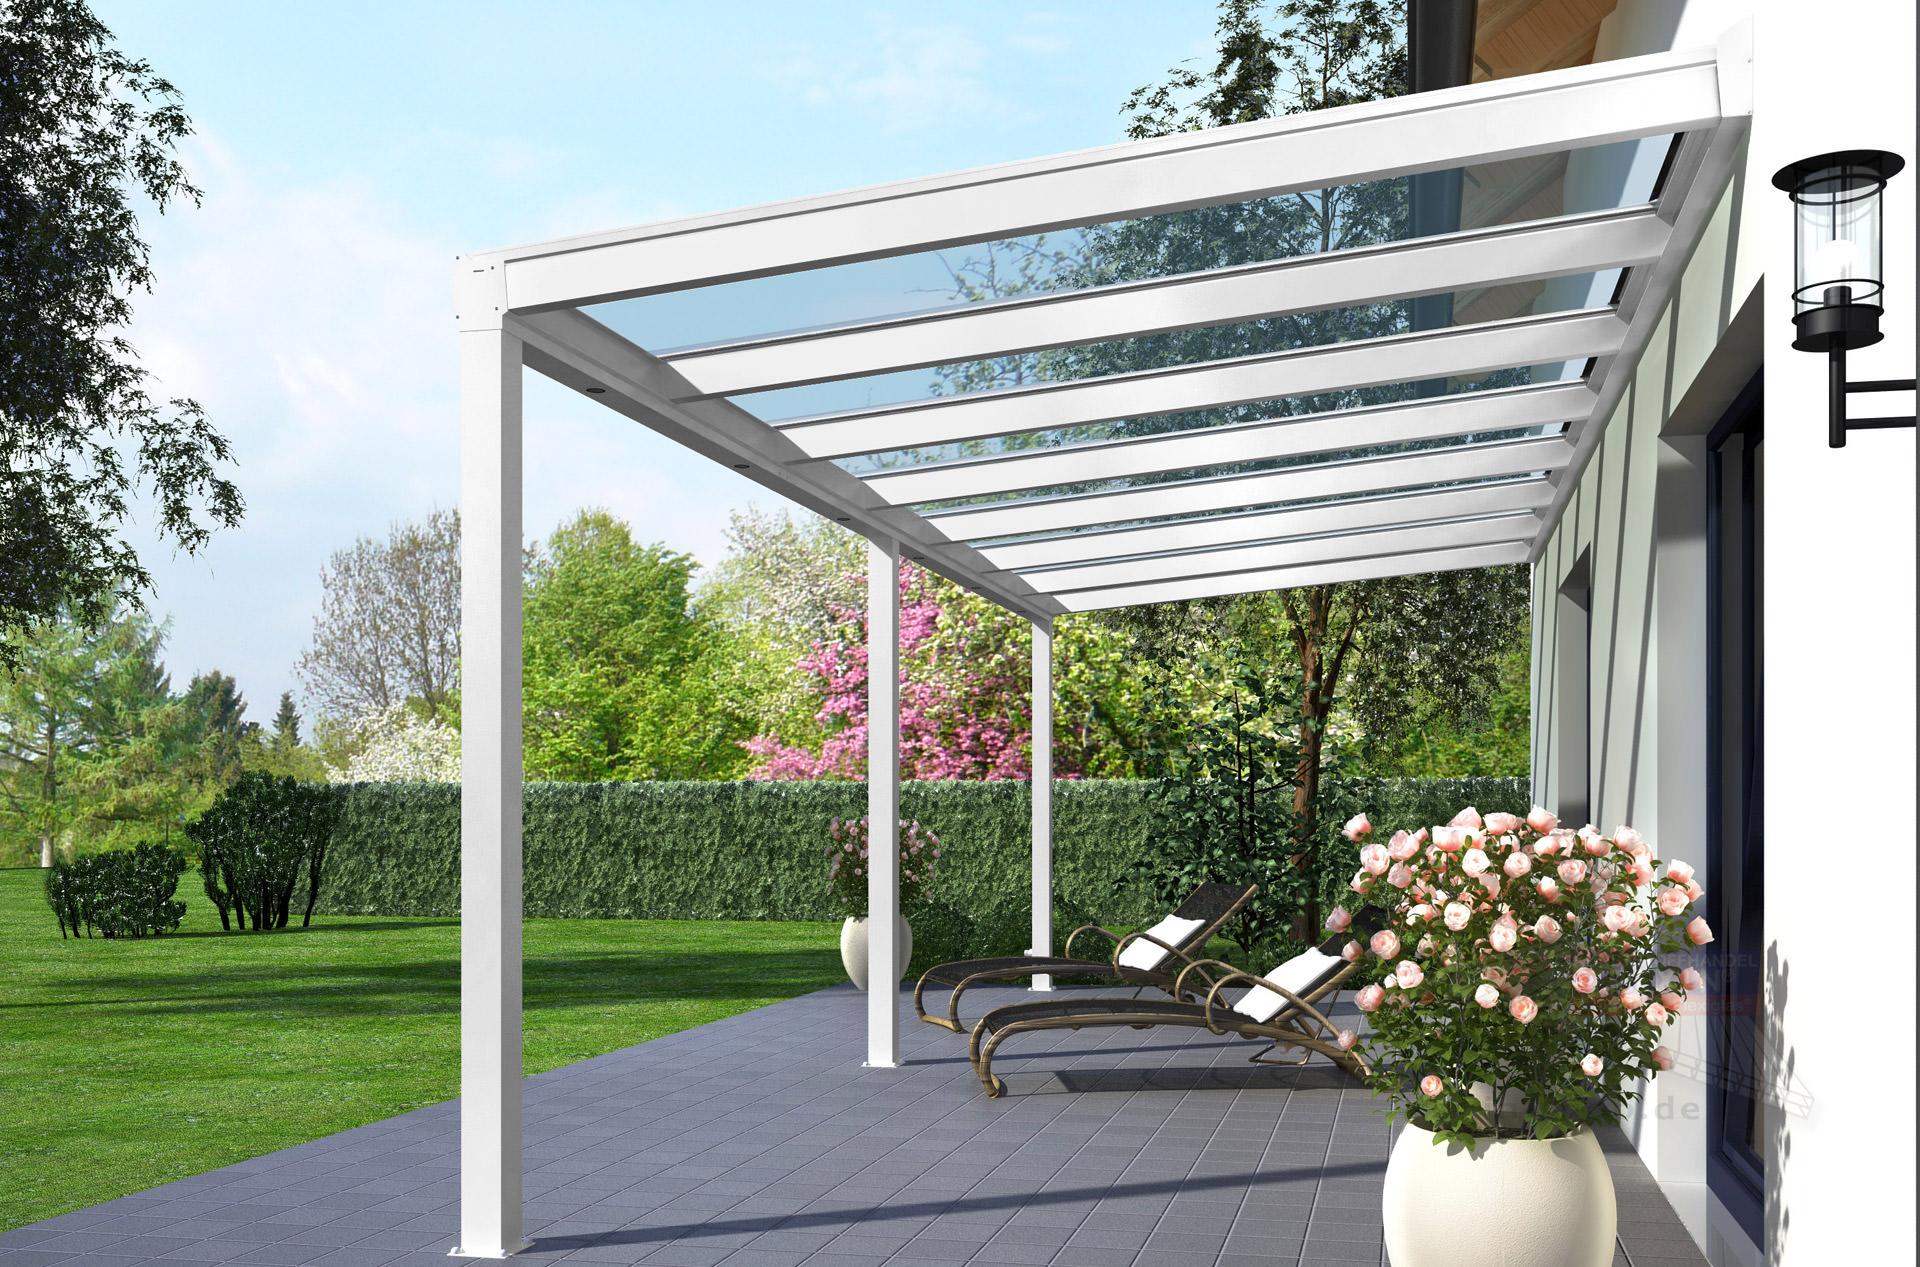 Rexopremium Alu Terrassendach 6m X 2 5m Vsg Glas Rexin Shop